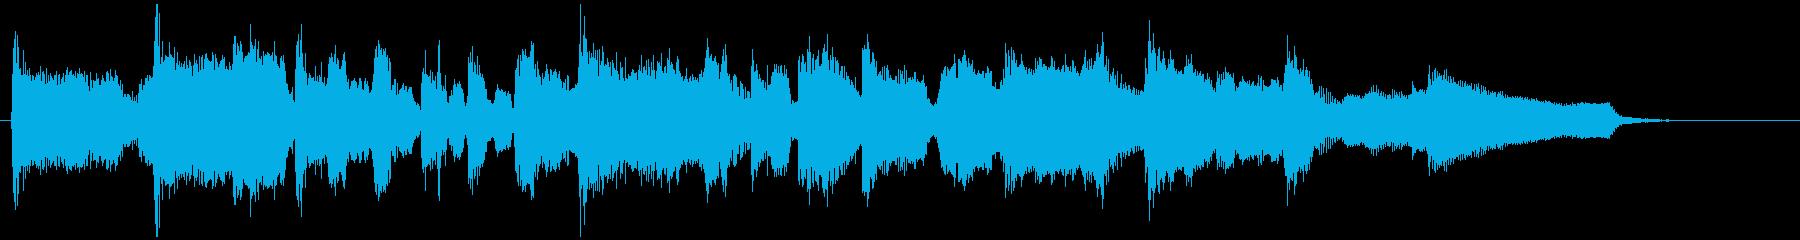 15秒CMに生演奏フルートのジャズワルツの再生済みの波形